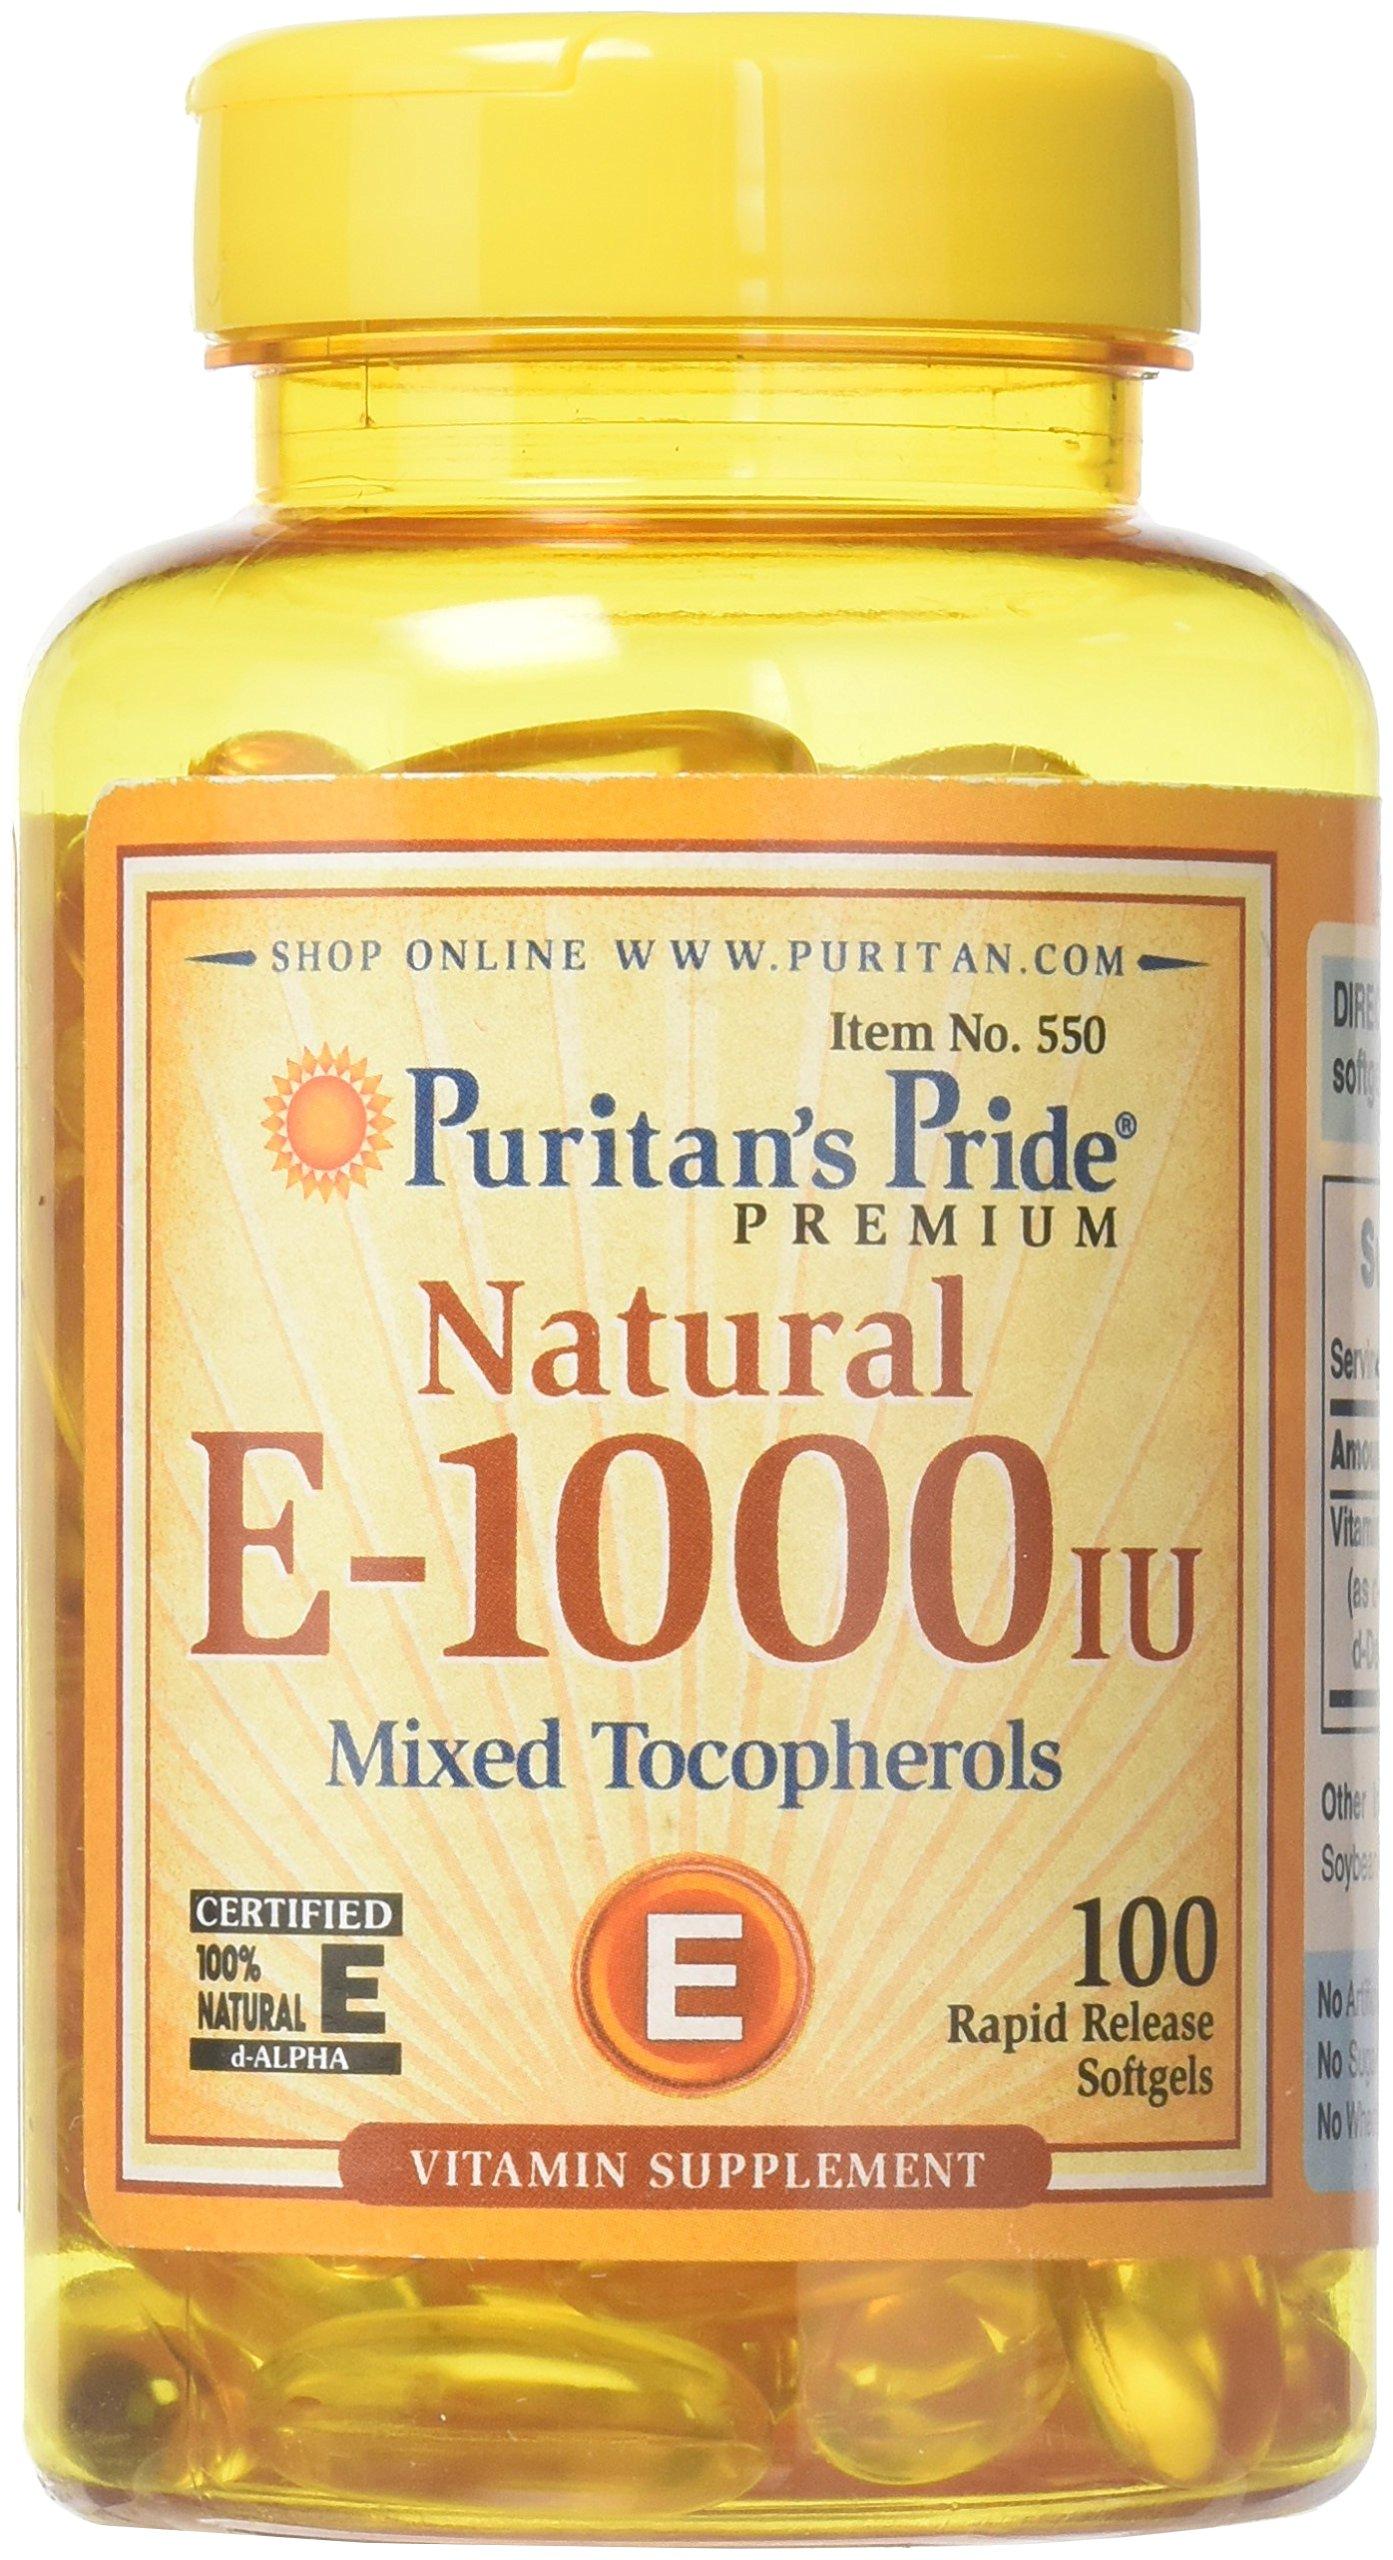 Puritans Pride Puritan's Pride - Mixed Tocopherols Natural- Softgels, Vitamin E, 100 Count